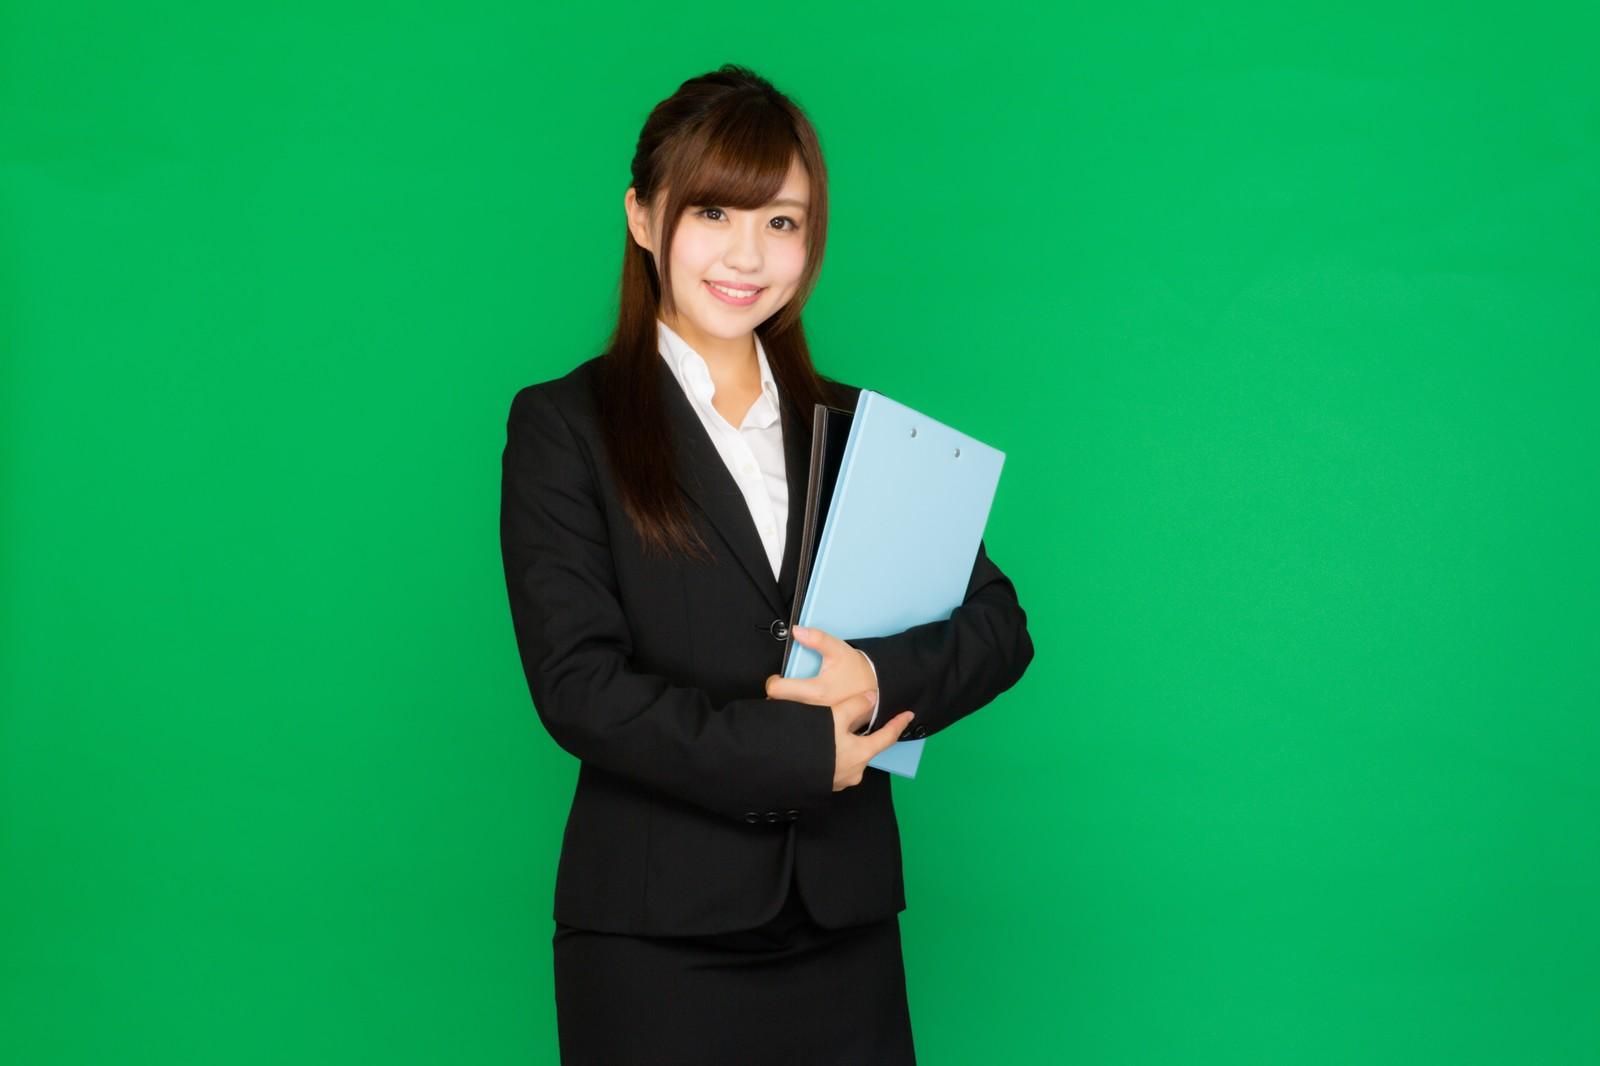 ジャパンネット銀行カードローンの特徴は?その内容を解説します!